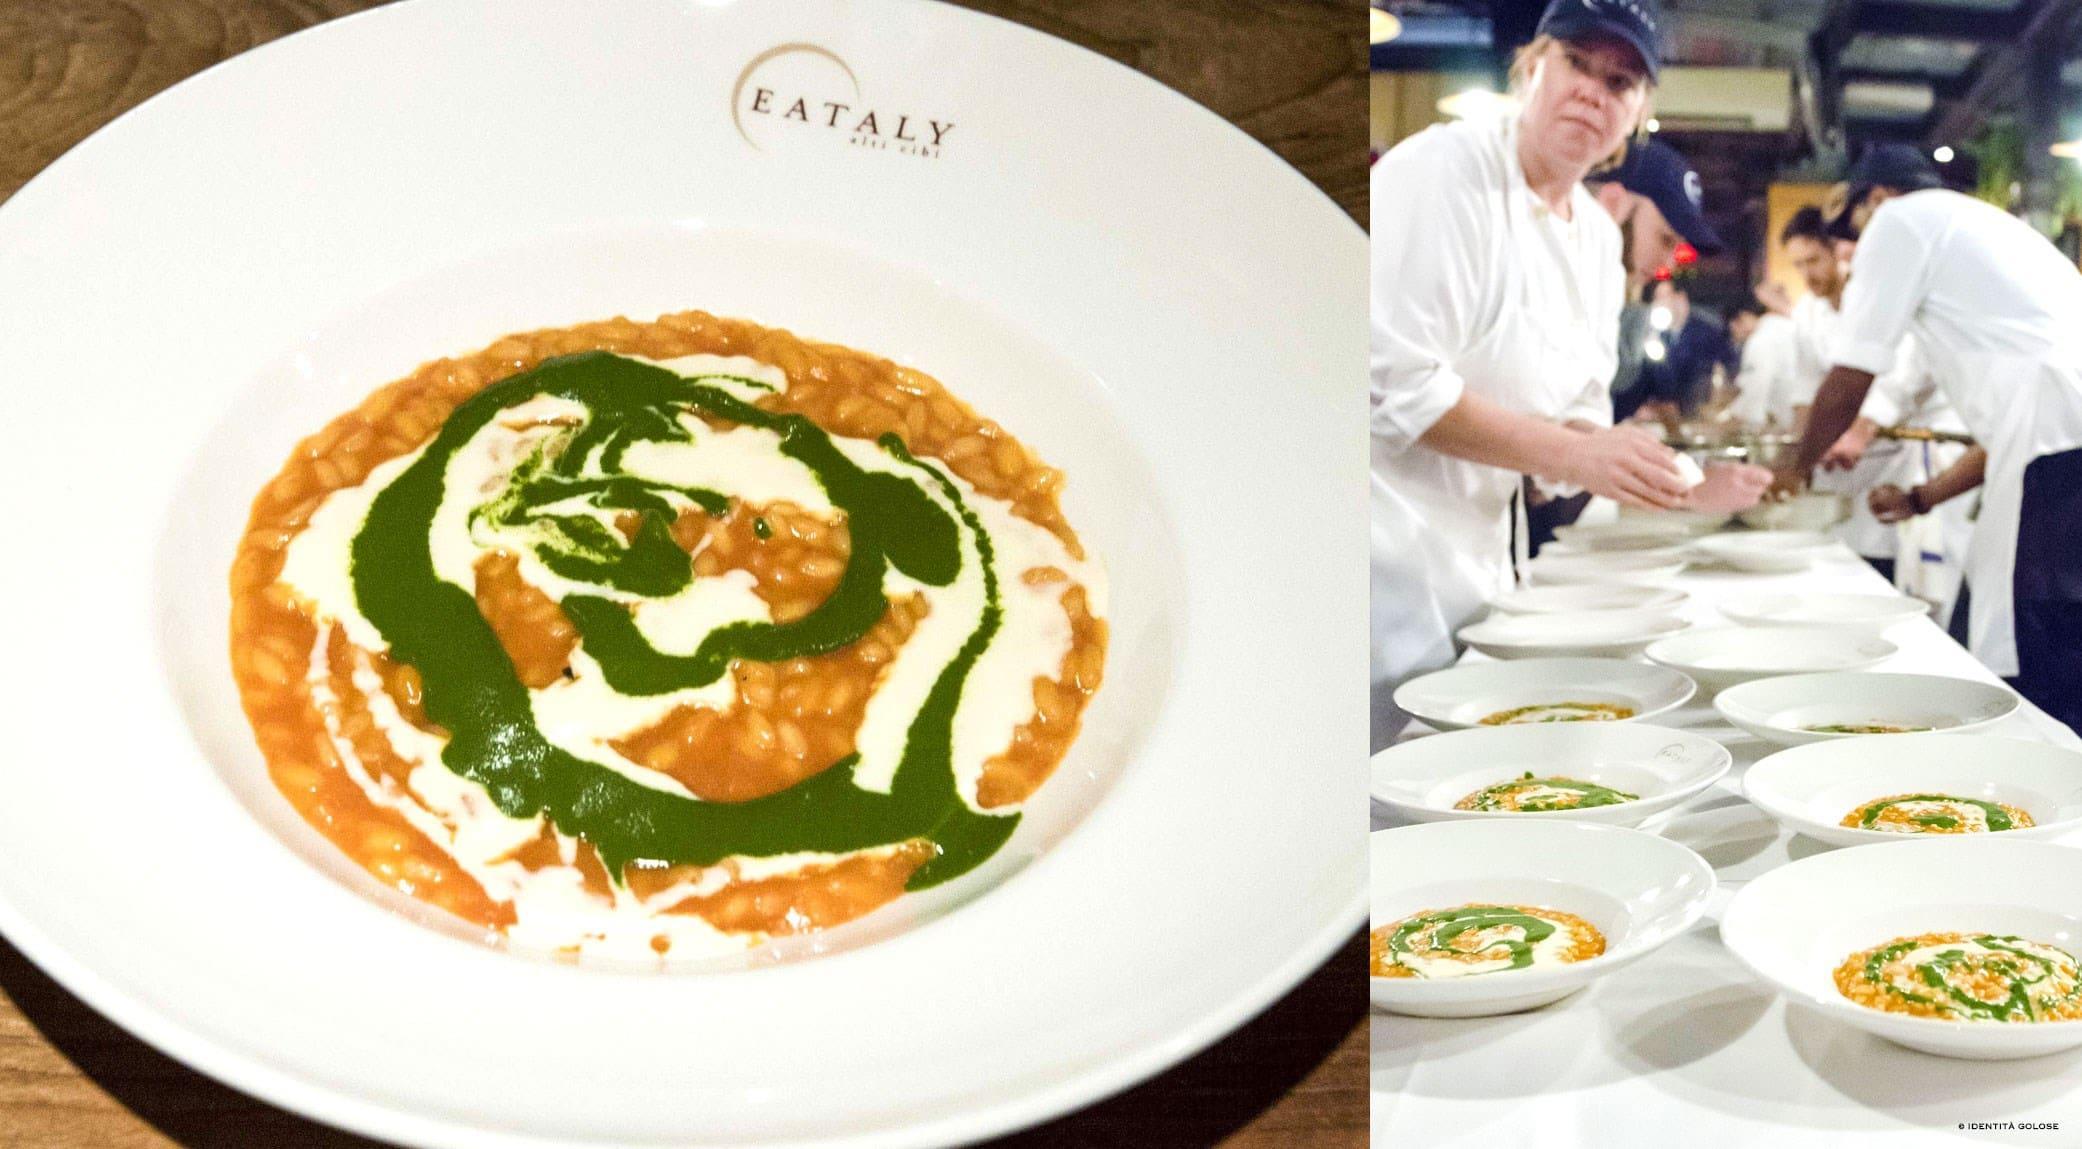 Identità New York 2015 | Chefs' Congress in NYC